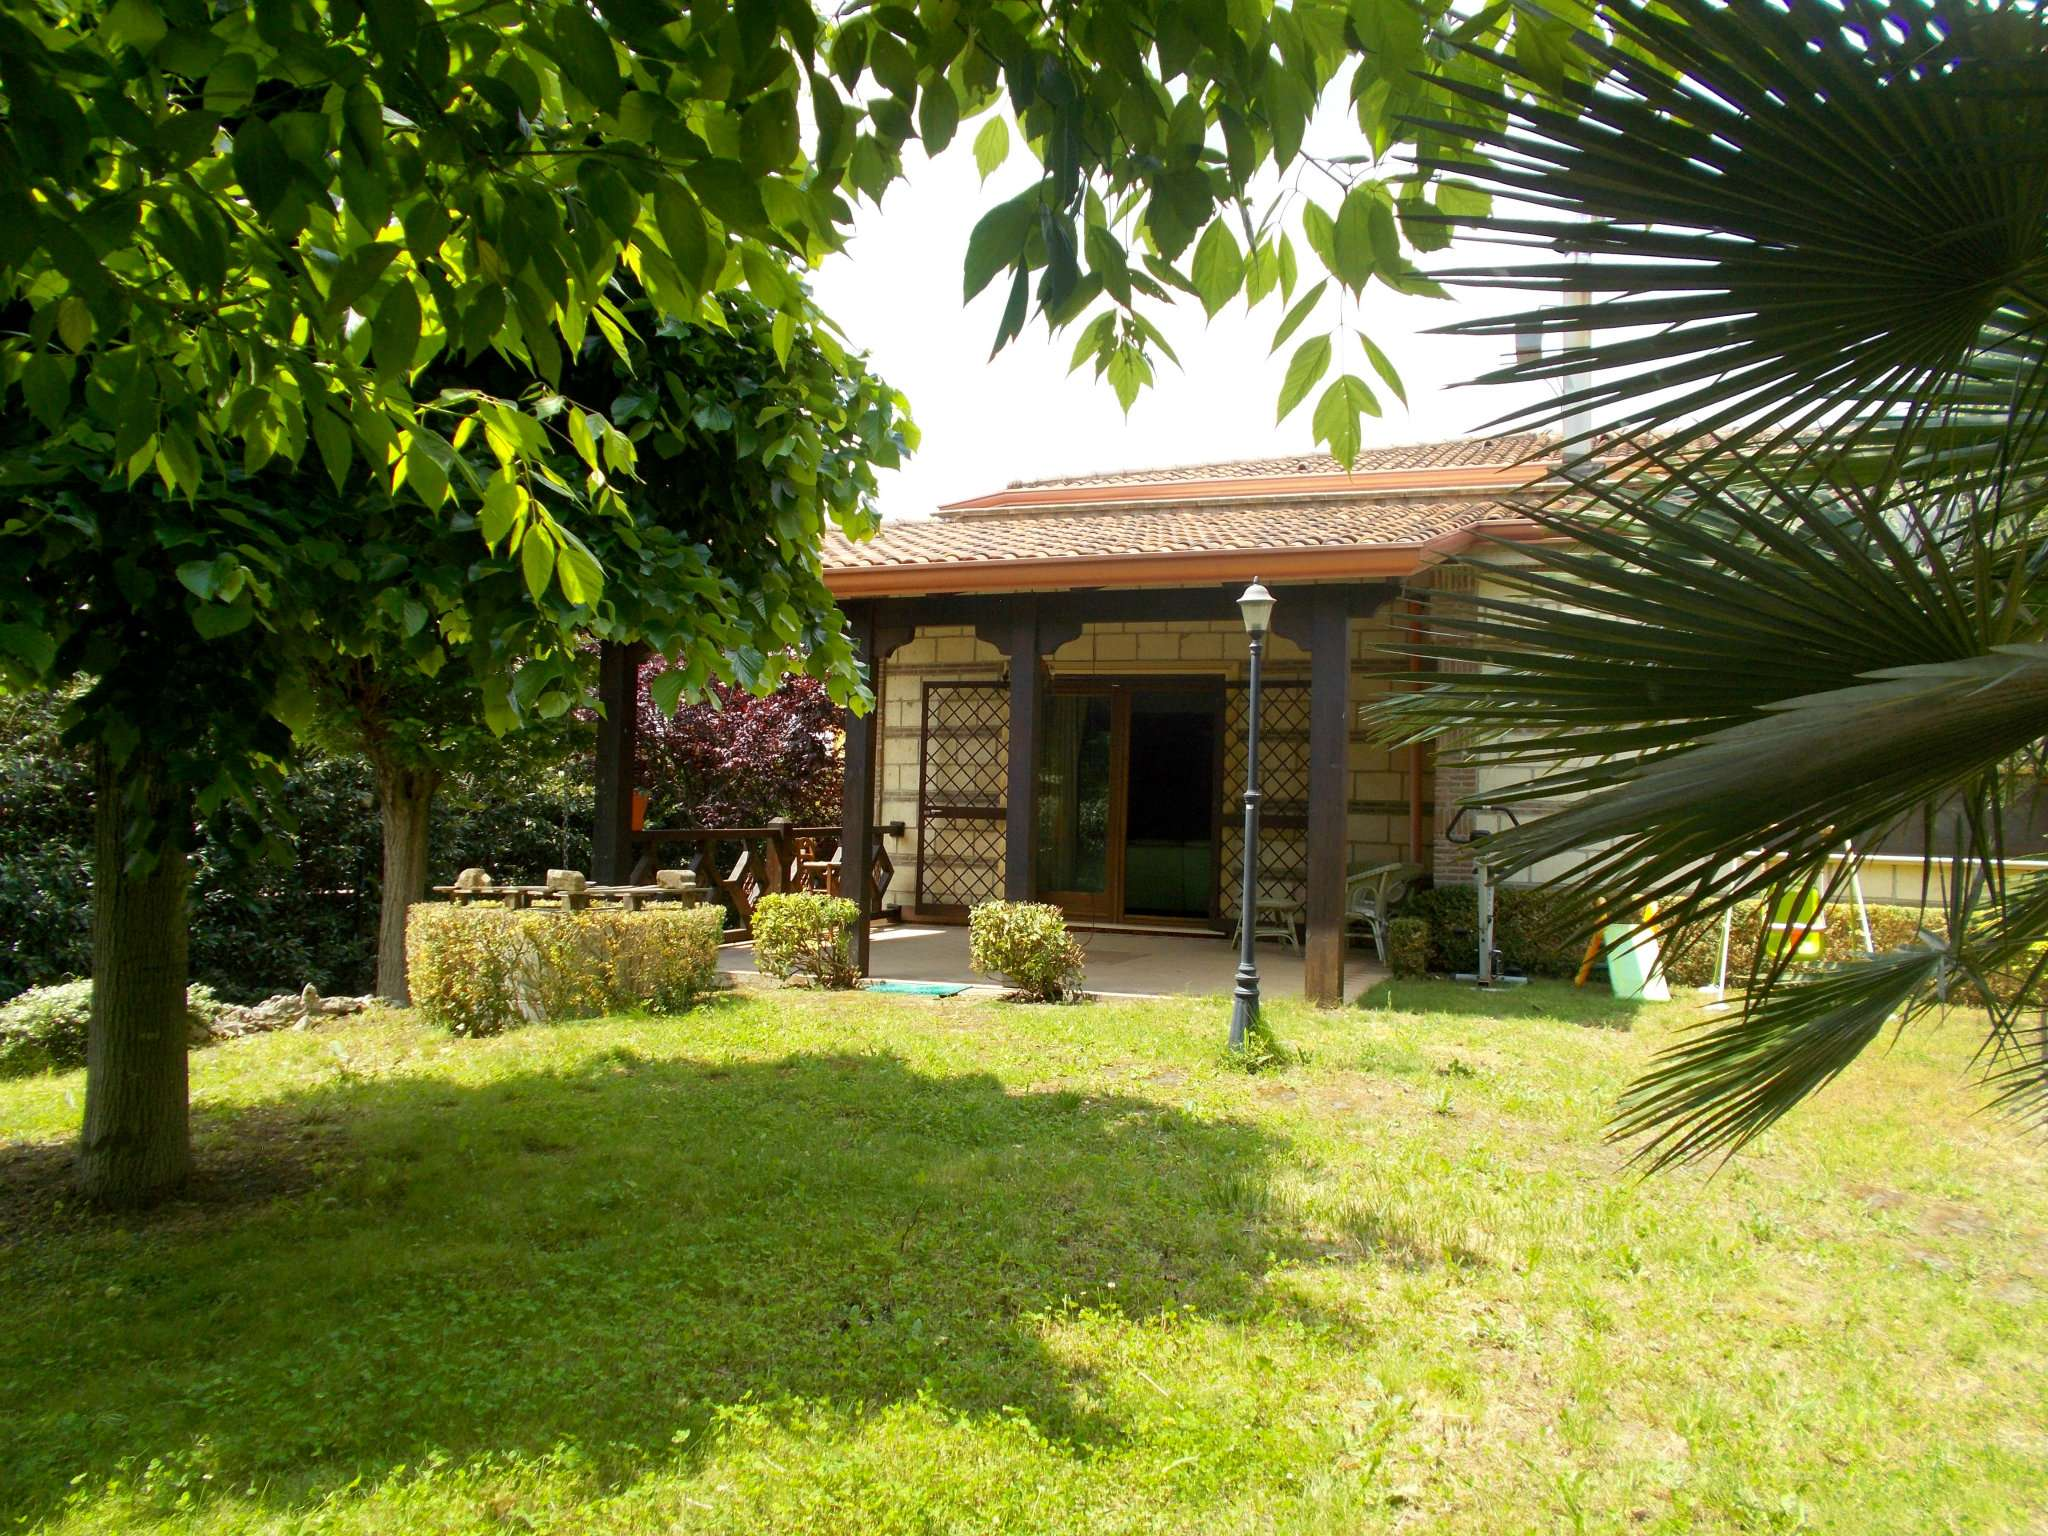 Villa in vendita a Arienzo, 8 locali, prezzo € 260.000 | CambioCasa.it